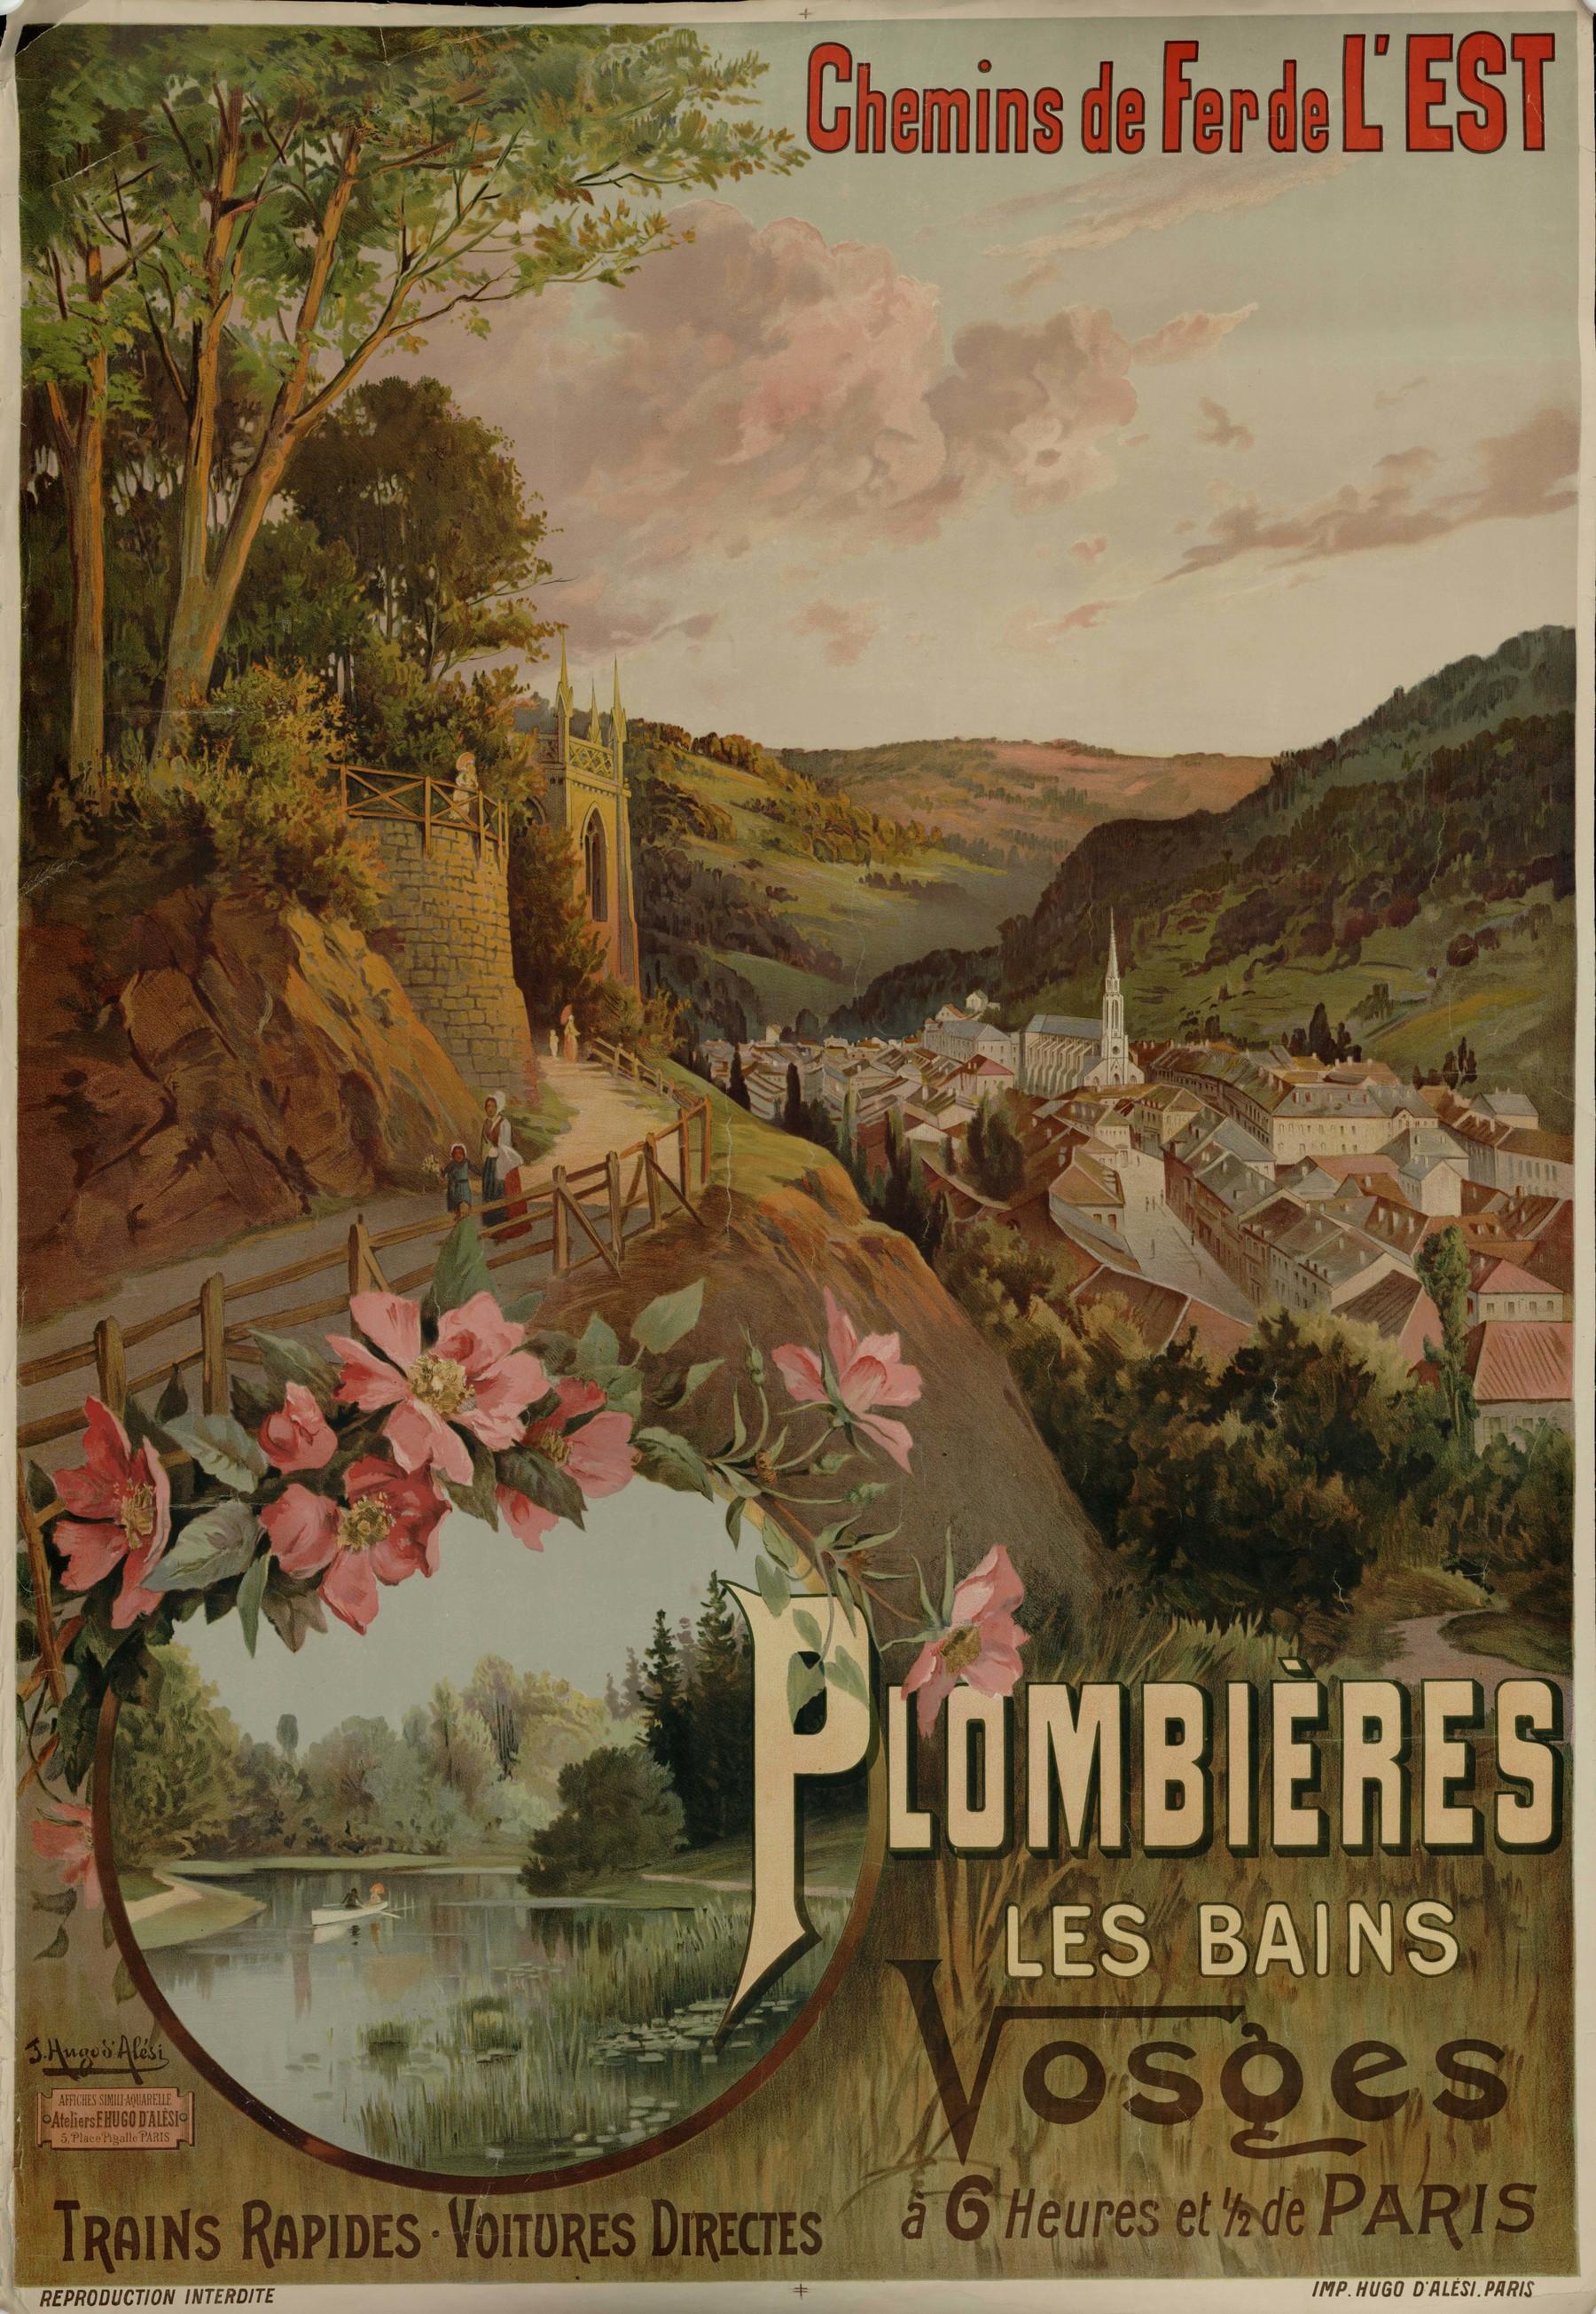 Contenu du Chemins de Fer de l'Est : Plombières les Bains Vosges